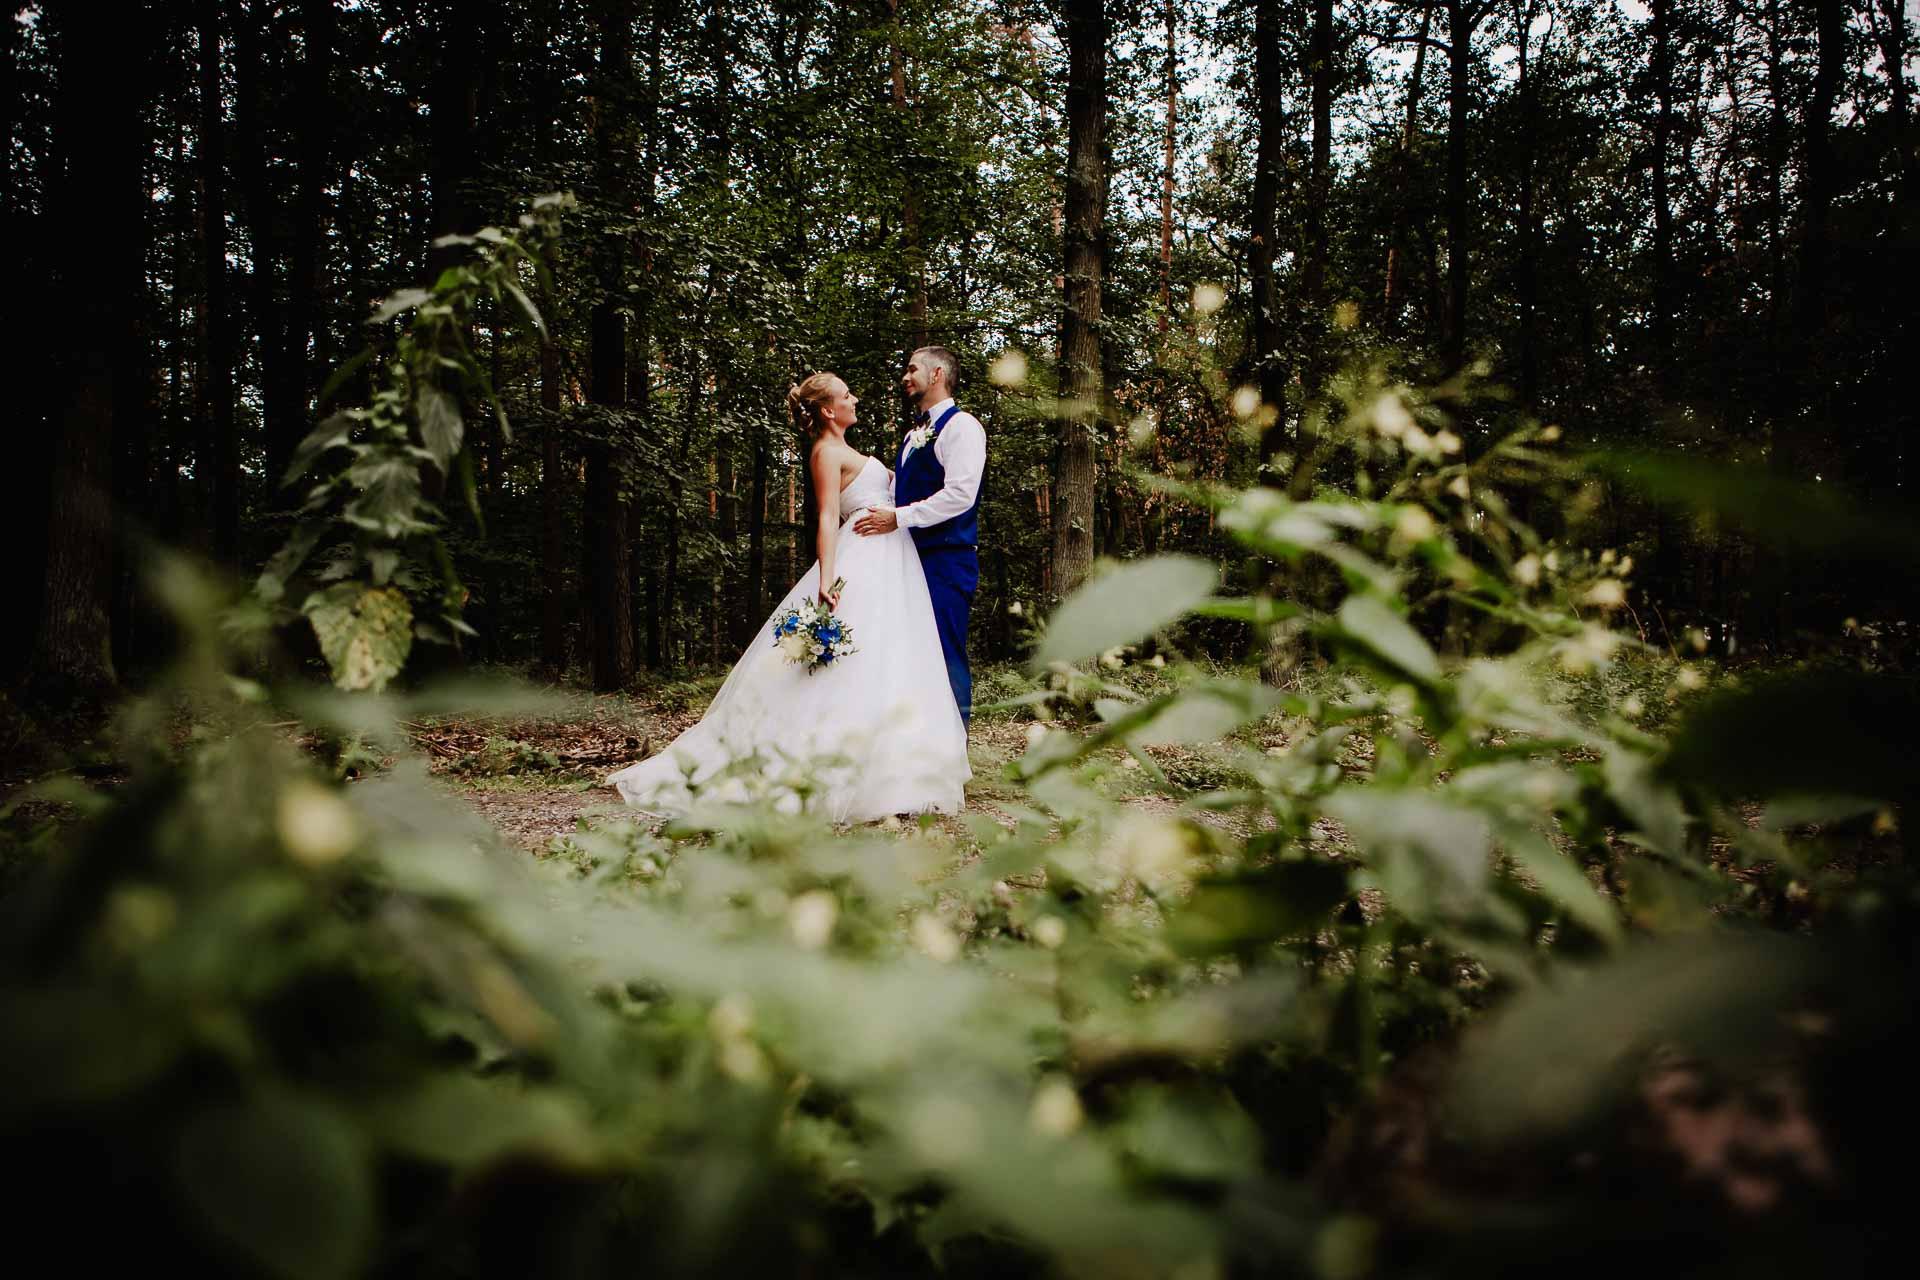 svatební-fotograf-Jívák-svatební-fotograf-Loučeň-svatební-video-Loučeň-207